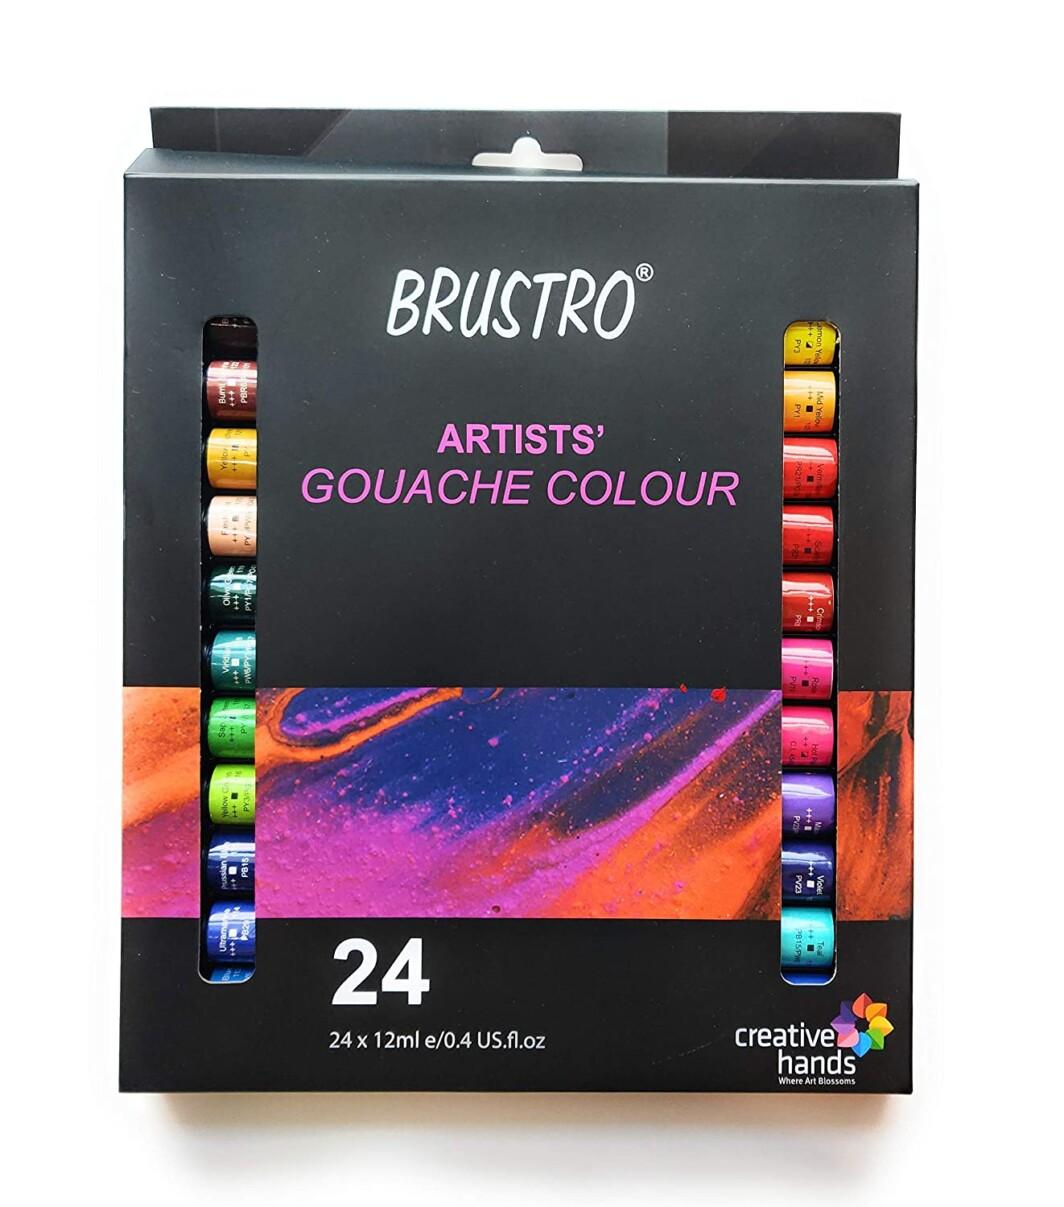 BRUSTRO Artists' Gouache Colour Set of 24 Colours X 12ML Tubes-0